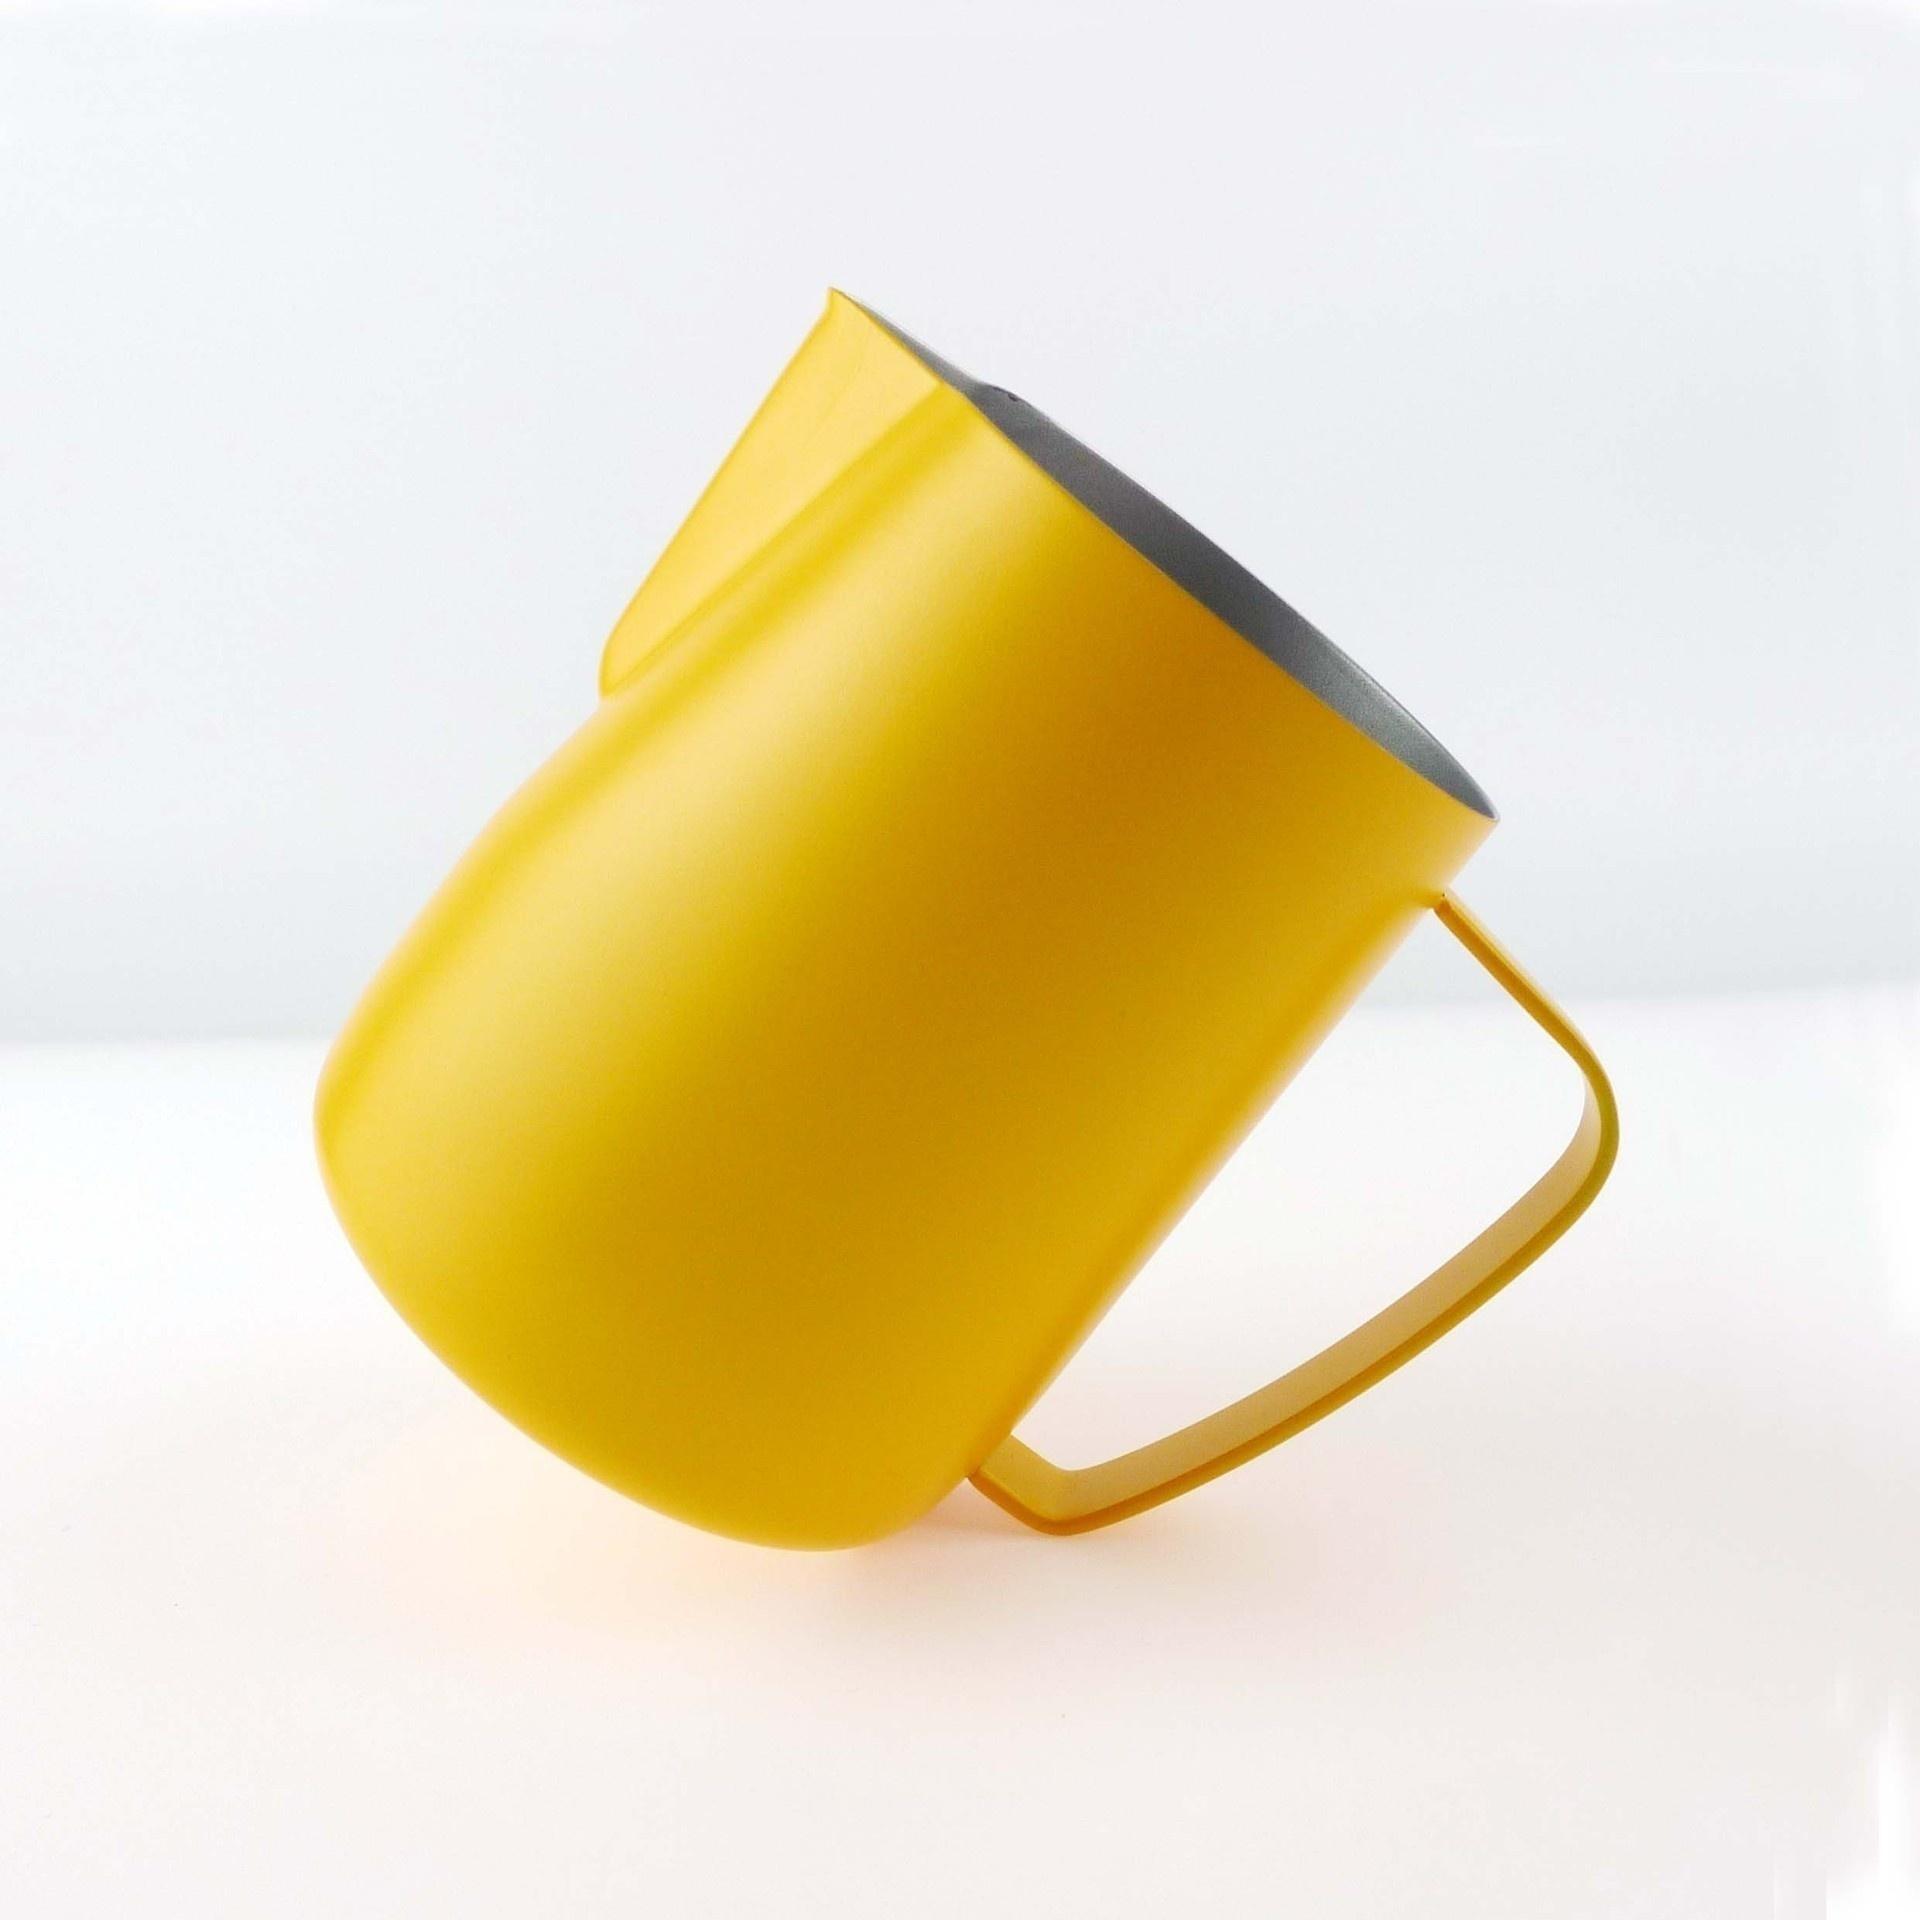 Молочный кувшин из нержавеющей стали кружка для взбивания молока пеновзбиватель для молока кружки итальянский латте арт Кофеварка кувшин ...(Китай)